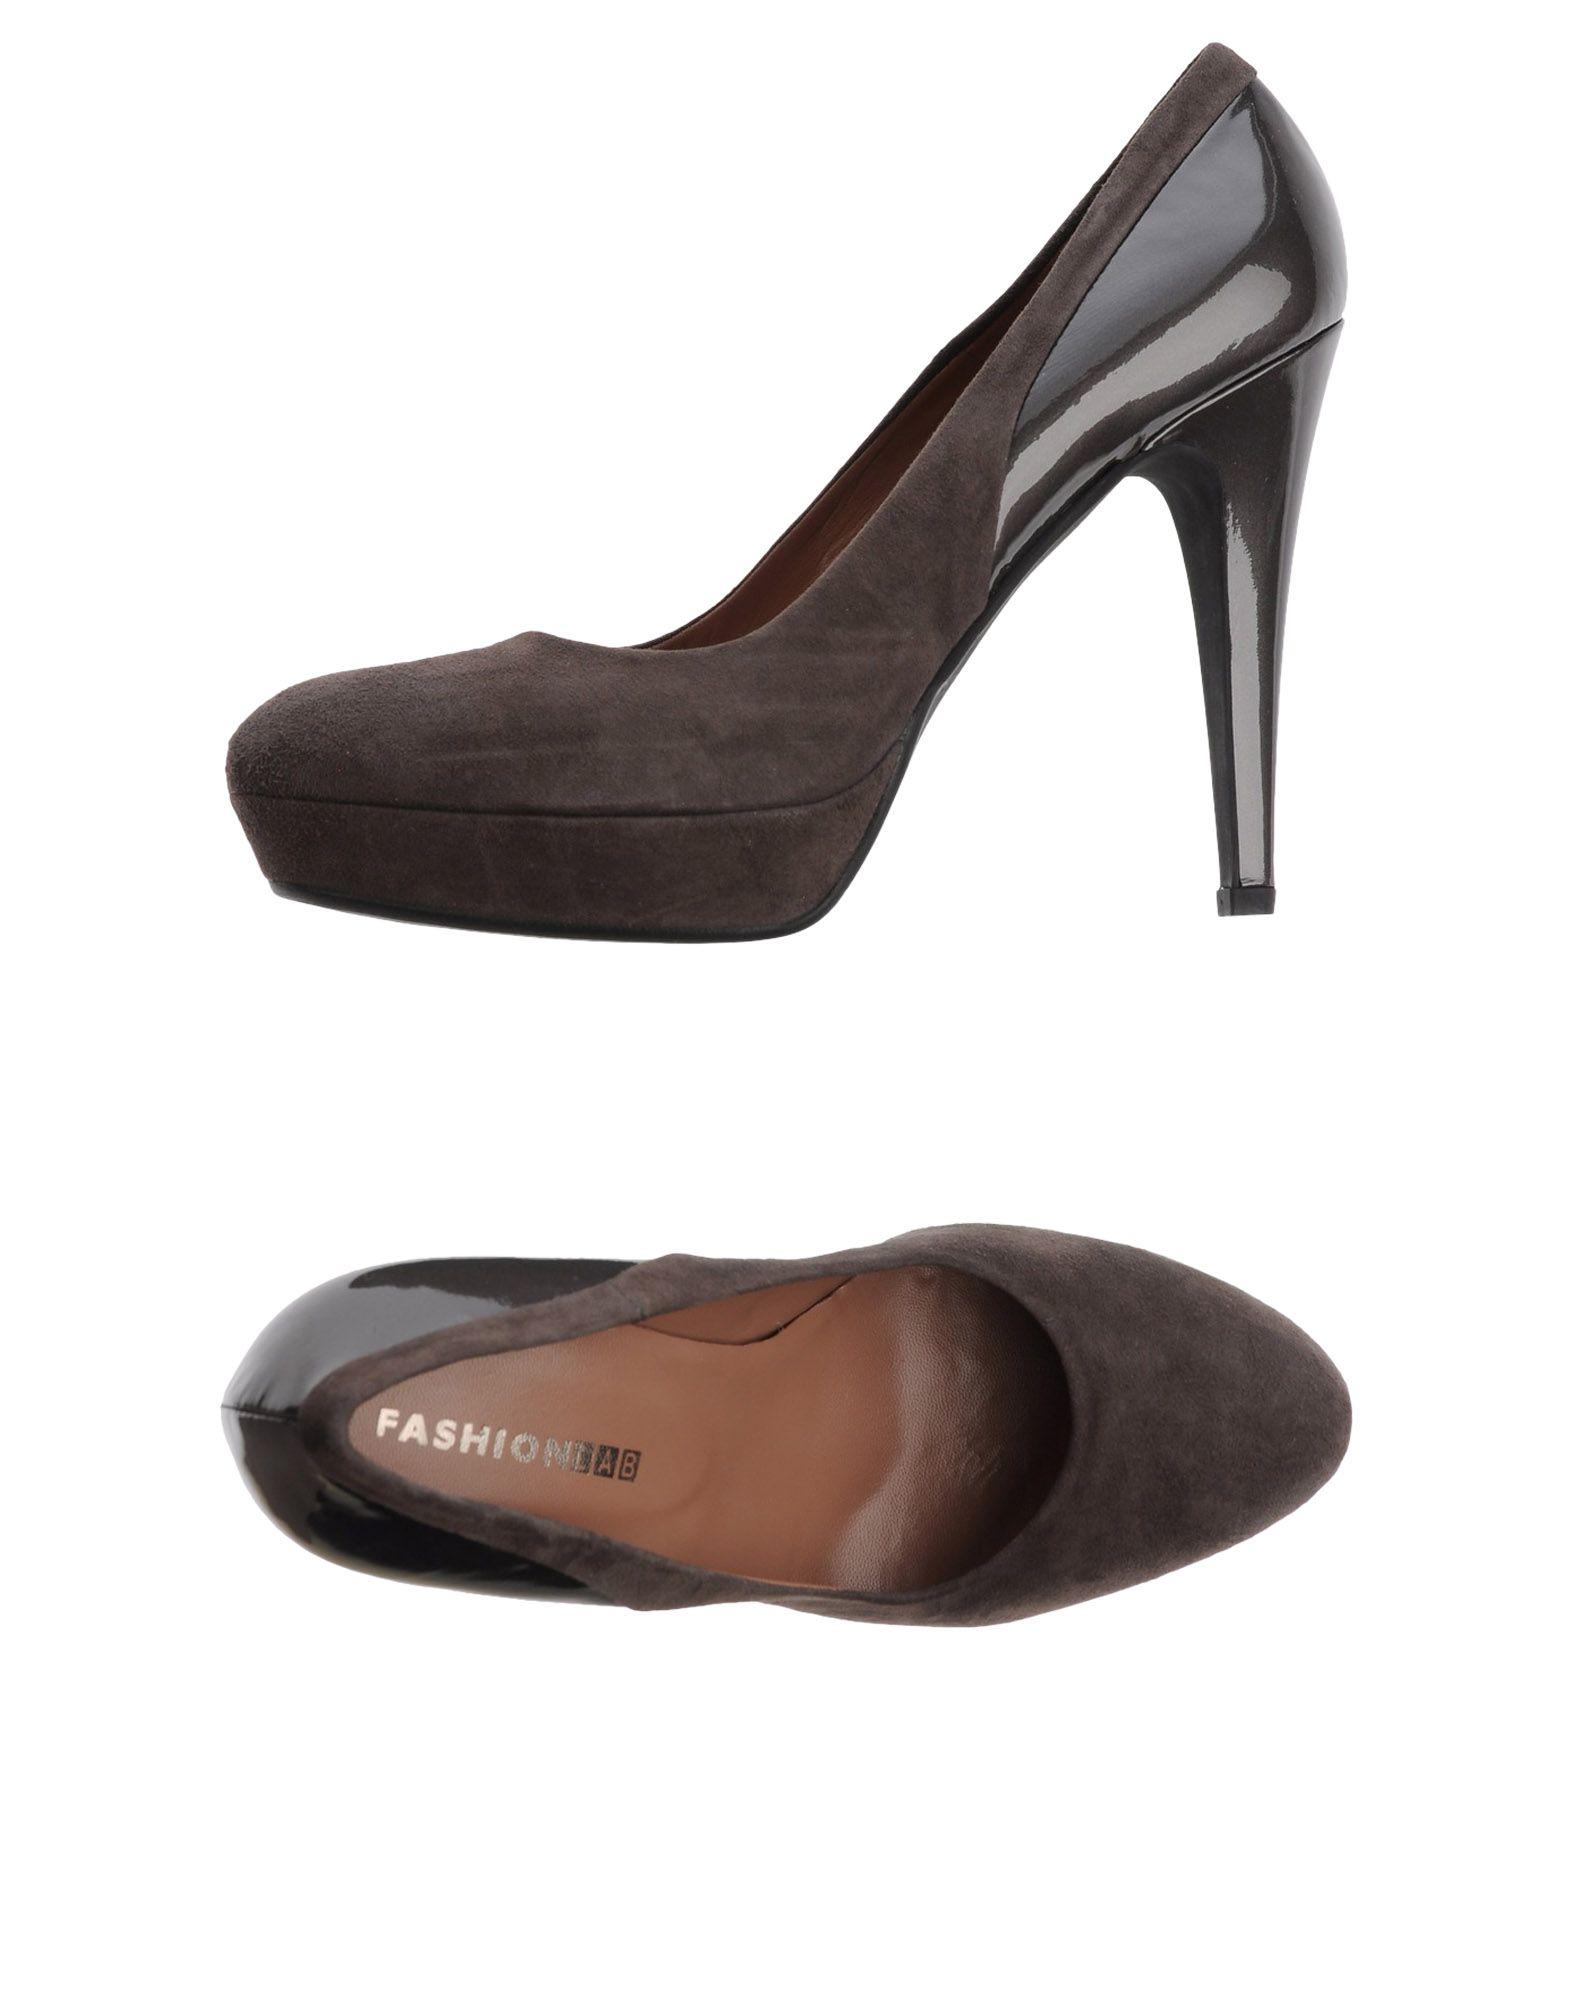 Escarpins Fashionlab Femme - Escarpins Fashionlab sur